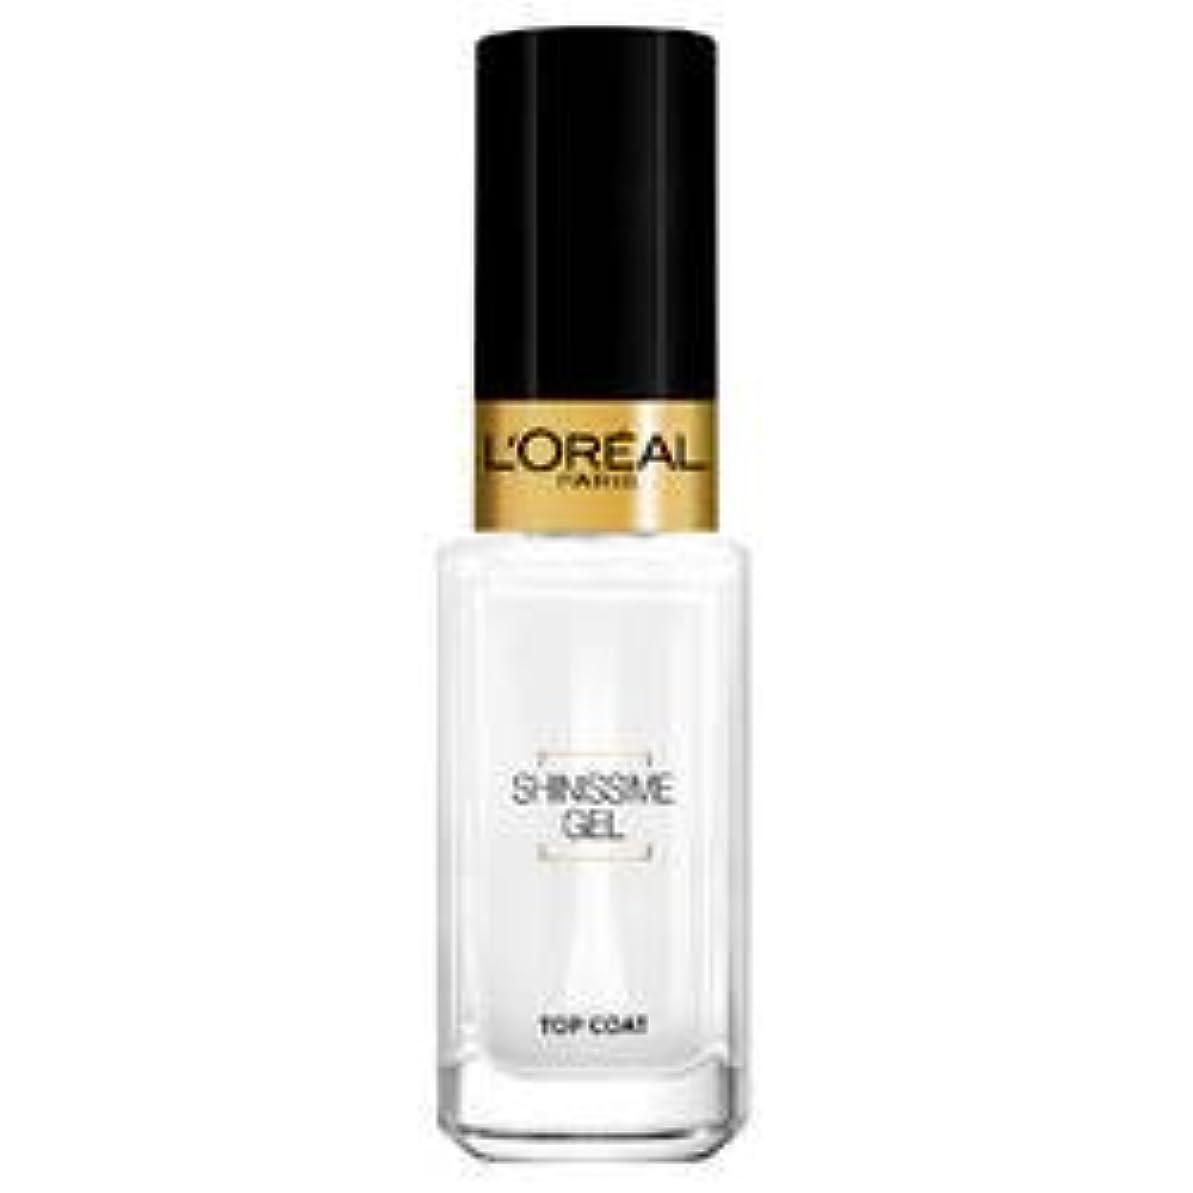 オーストラリアバンジョー王室L'Oréal Paris La Manucure - Le Top Coat - Shinissime Gel- (for multi-item order extra postage cost will be reimbursed)